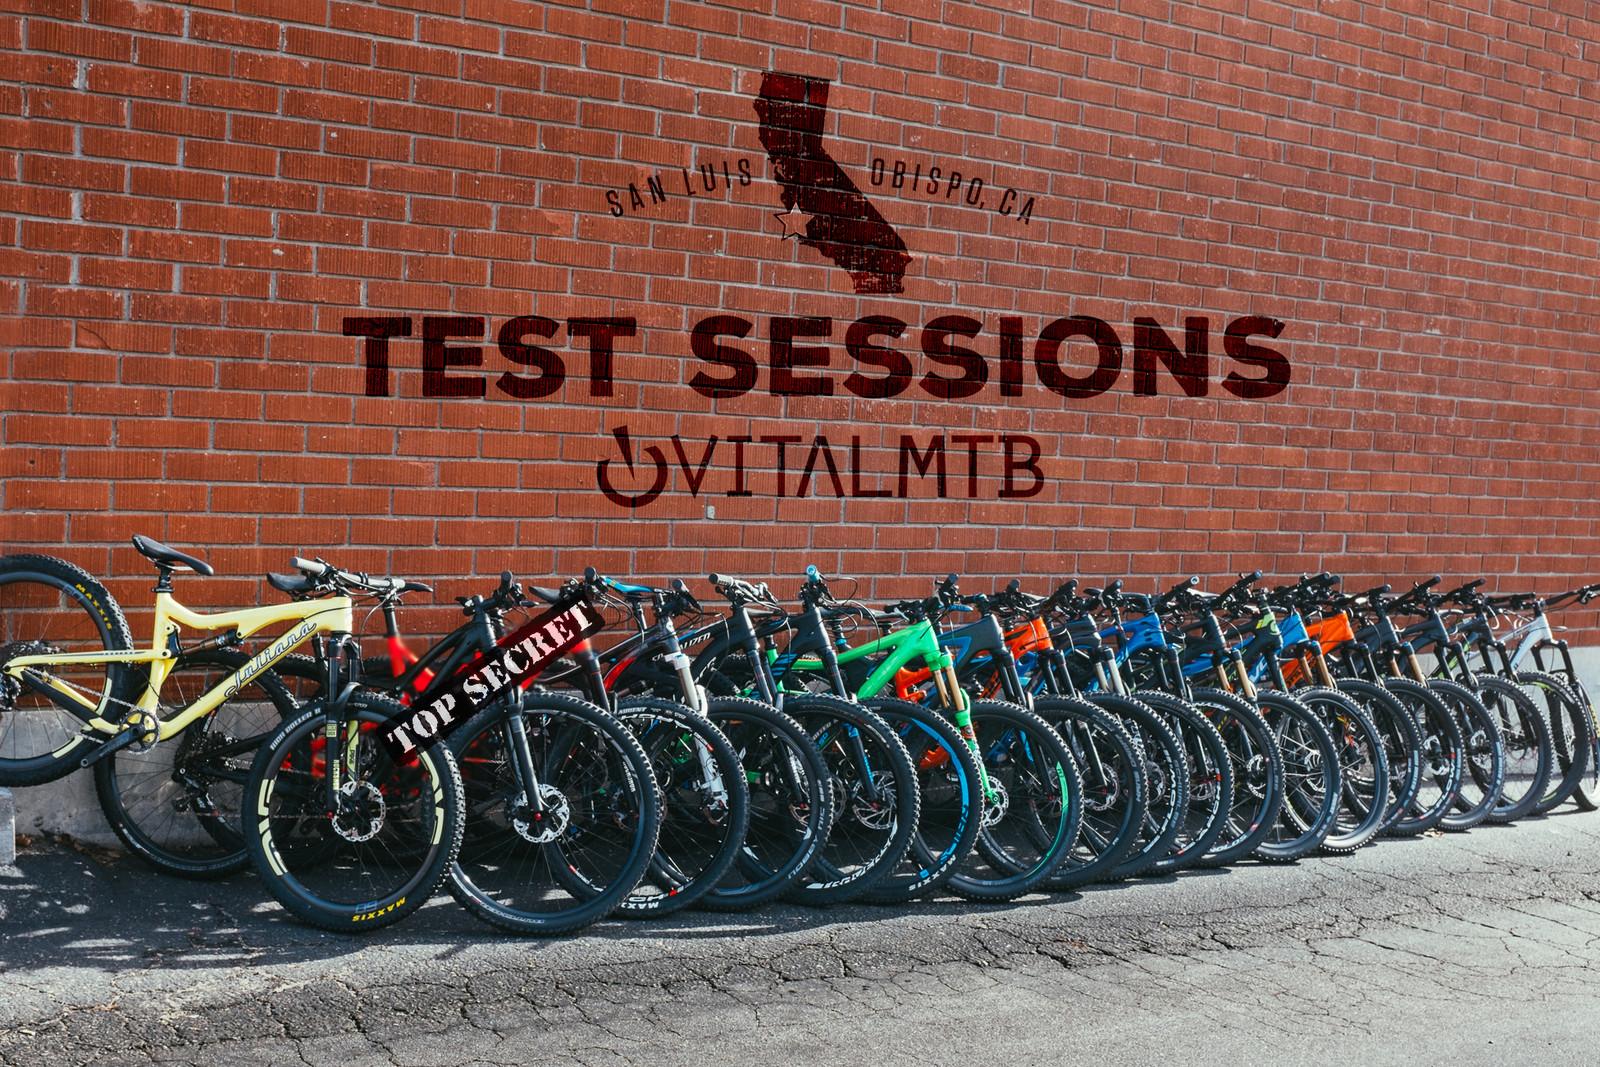 19 Bikes Tested - 2015 Vital MTB Test Sessions - 19 Bikes Tested - 2015 Vital MTB Test Sessions - Mountain Biking Pictures - Vital MTB